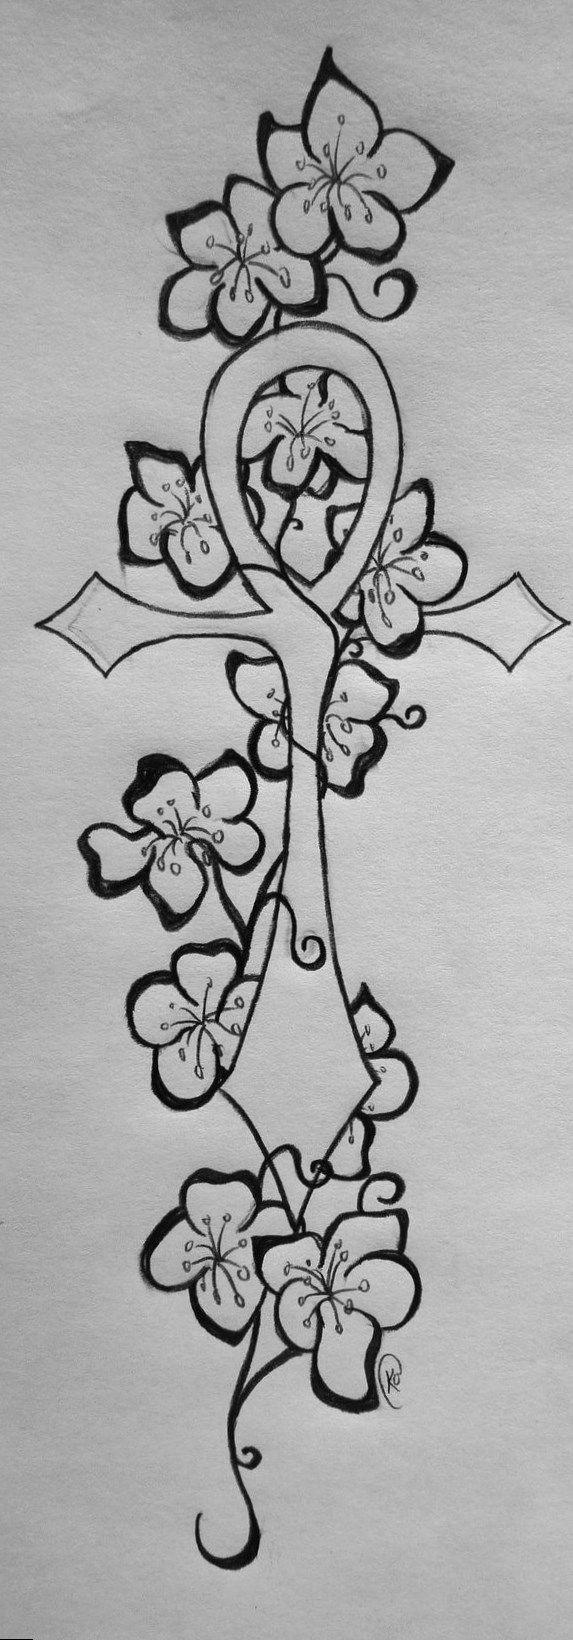 Love writing tattoo designs -  Designtattoo Tattoo Wing Tattoos On Arm Rose Stem Tattoo Tribal Design Tattoo